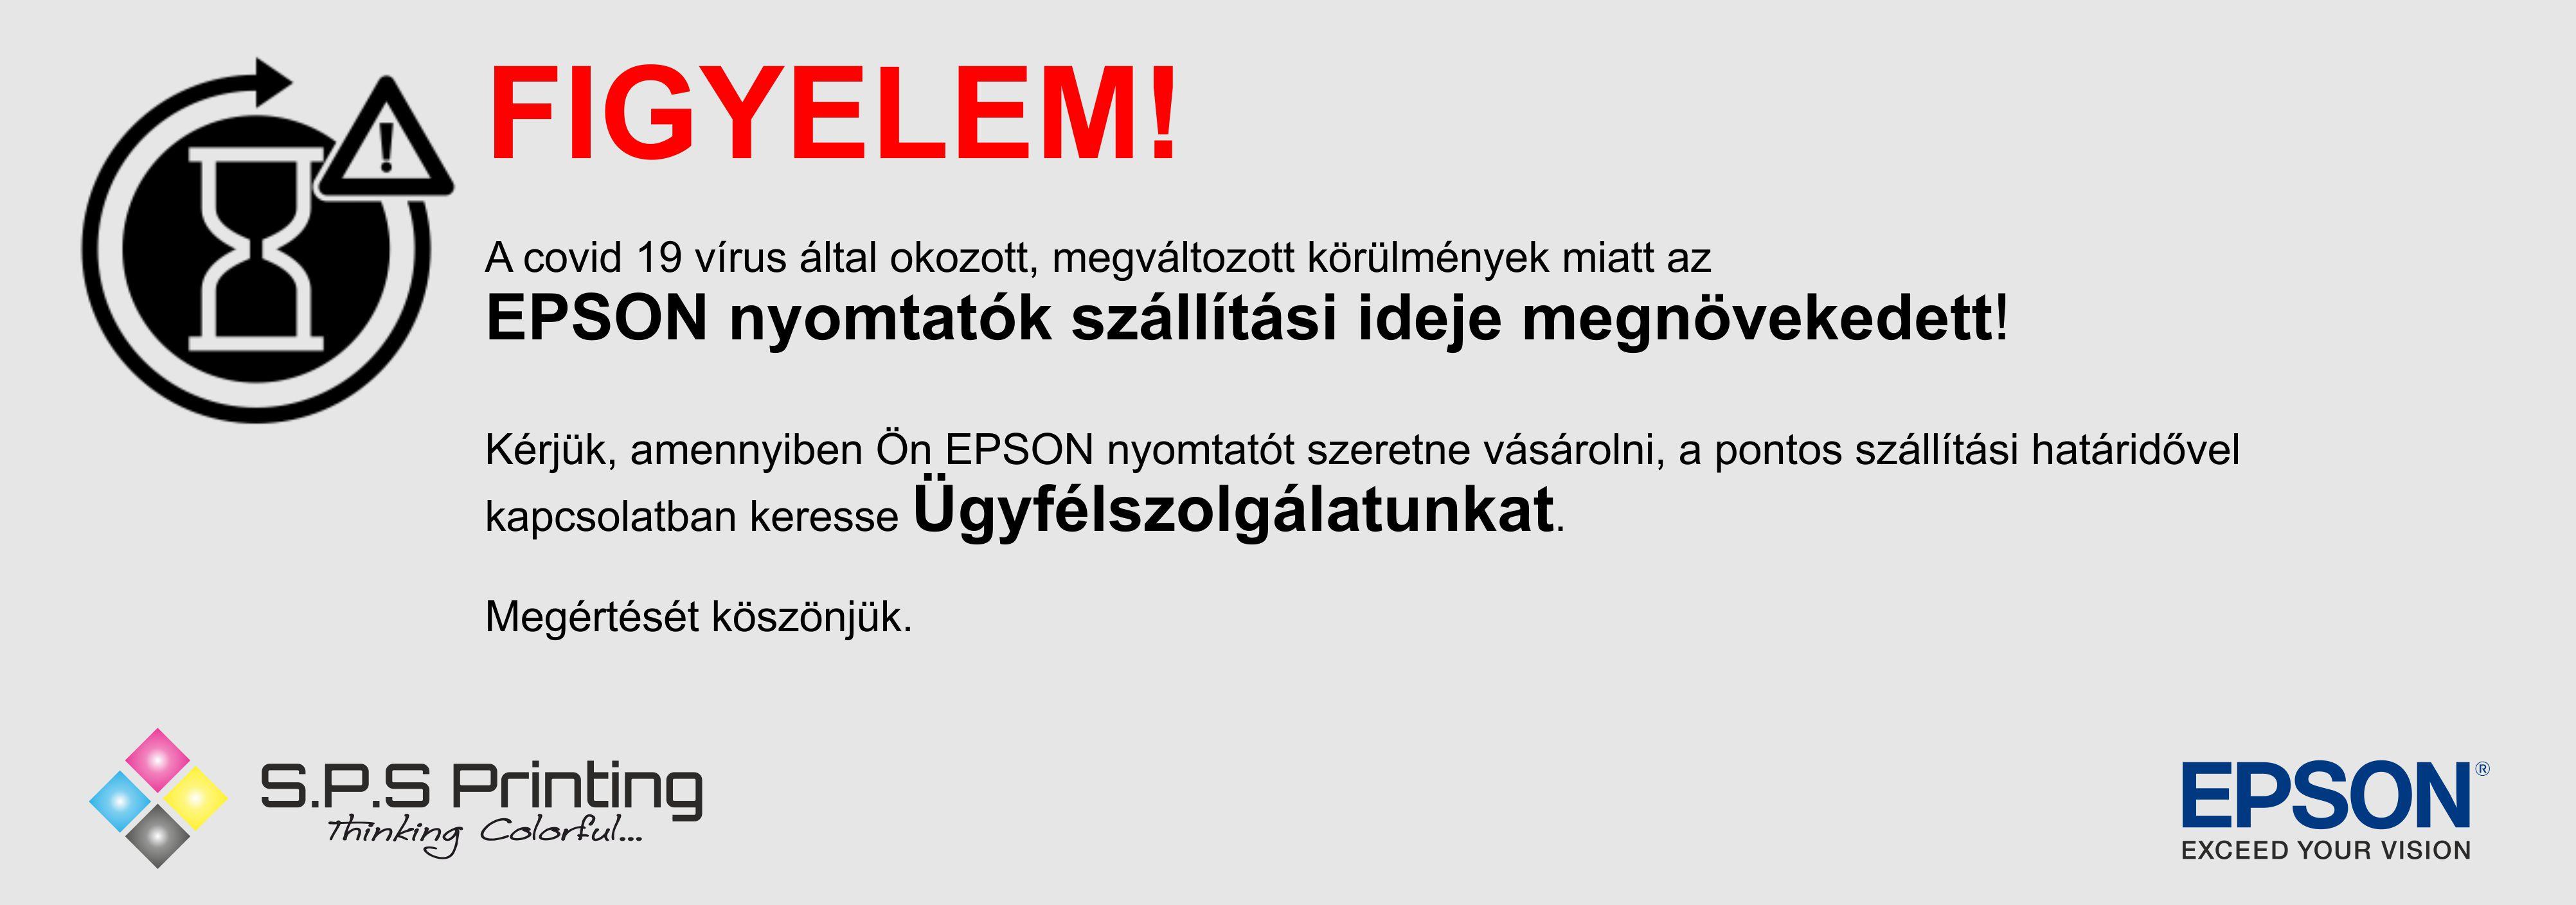 FIGYELEM! Az EPSON nyomtatók szállítási ideje megnövekedett!